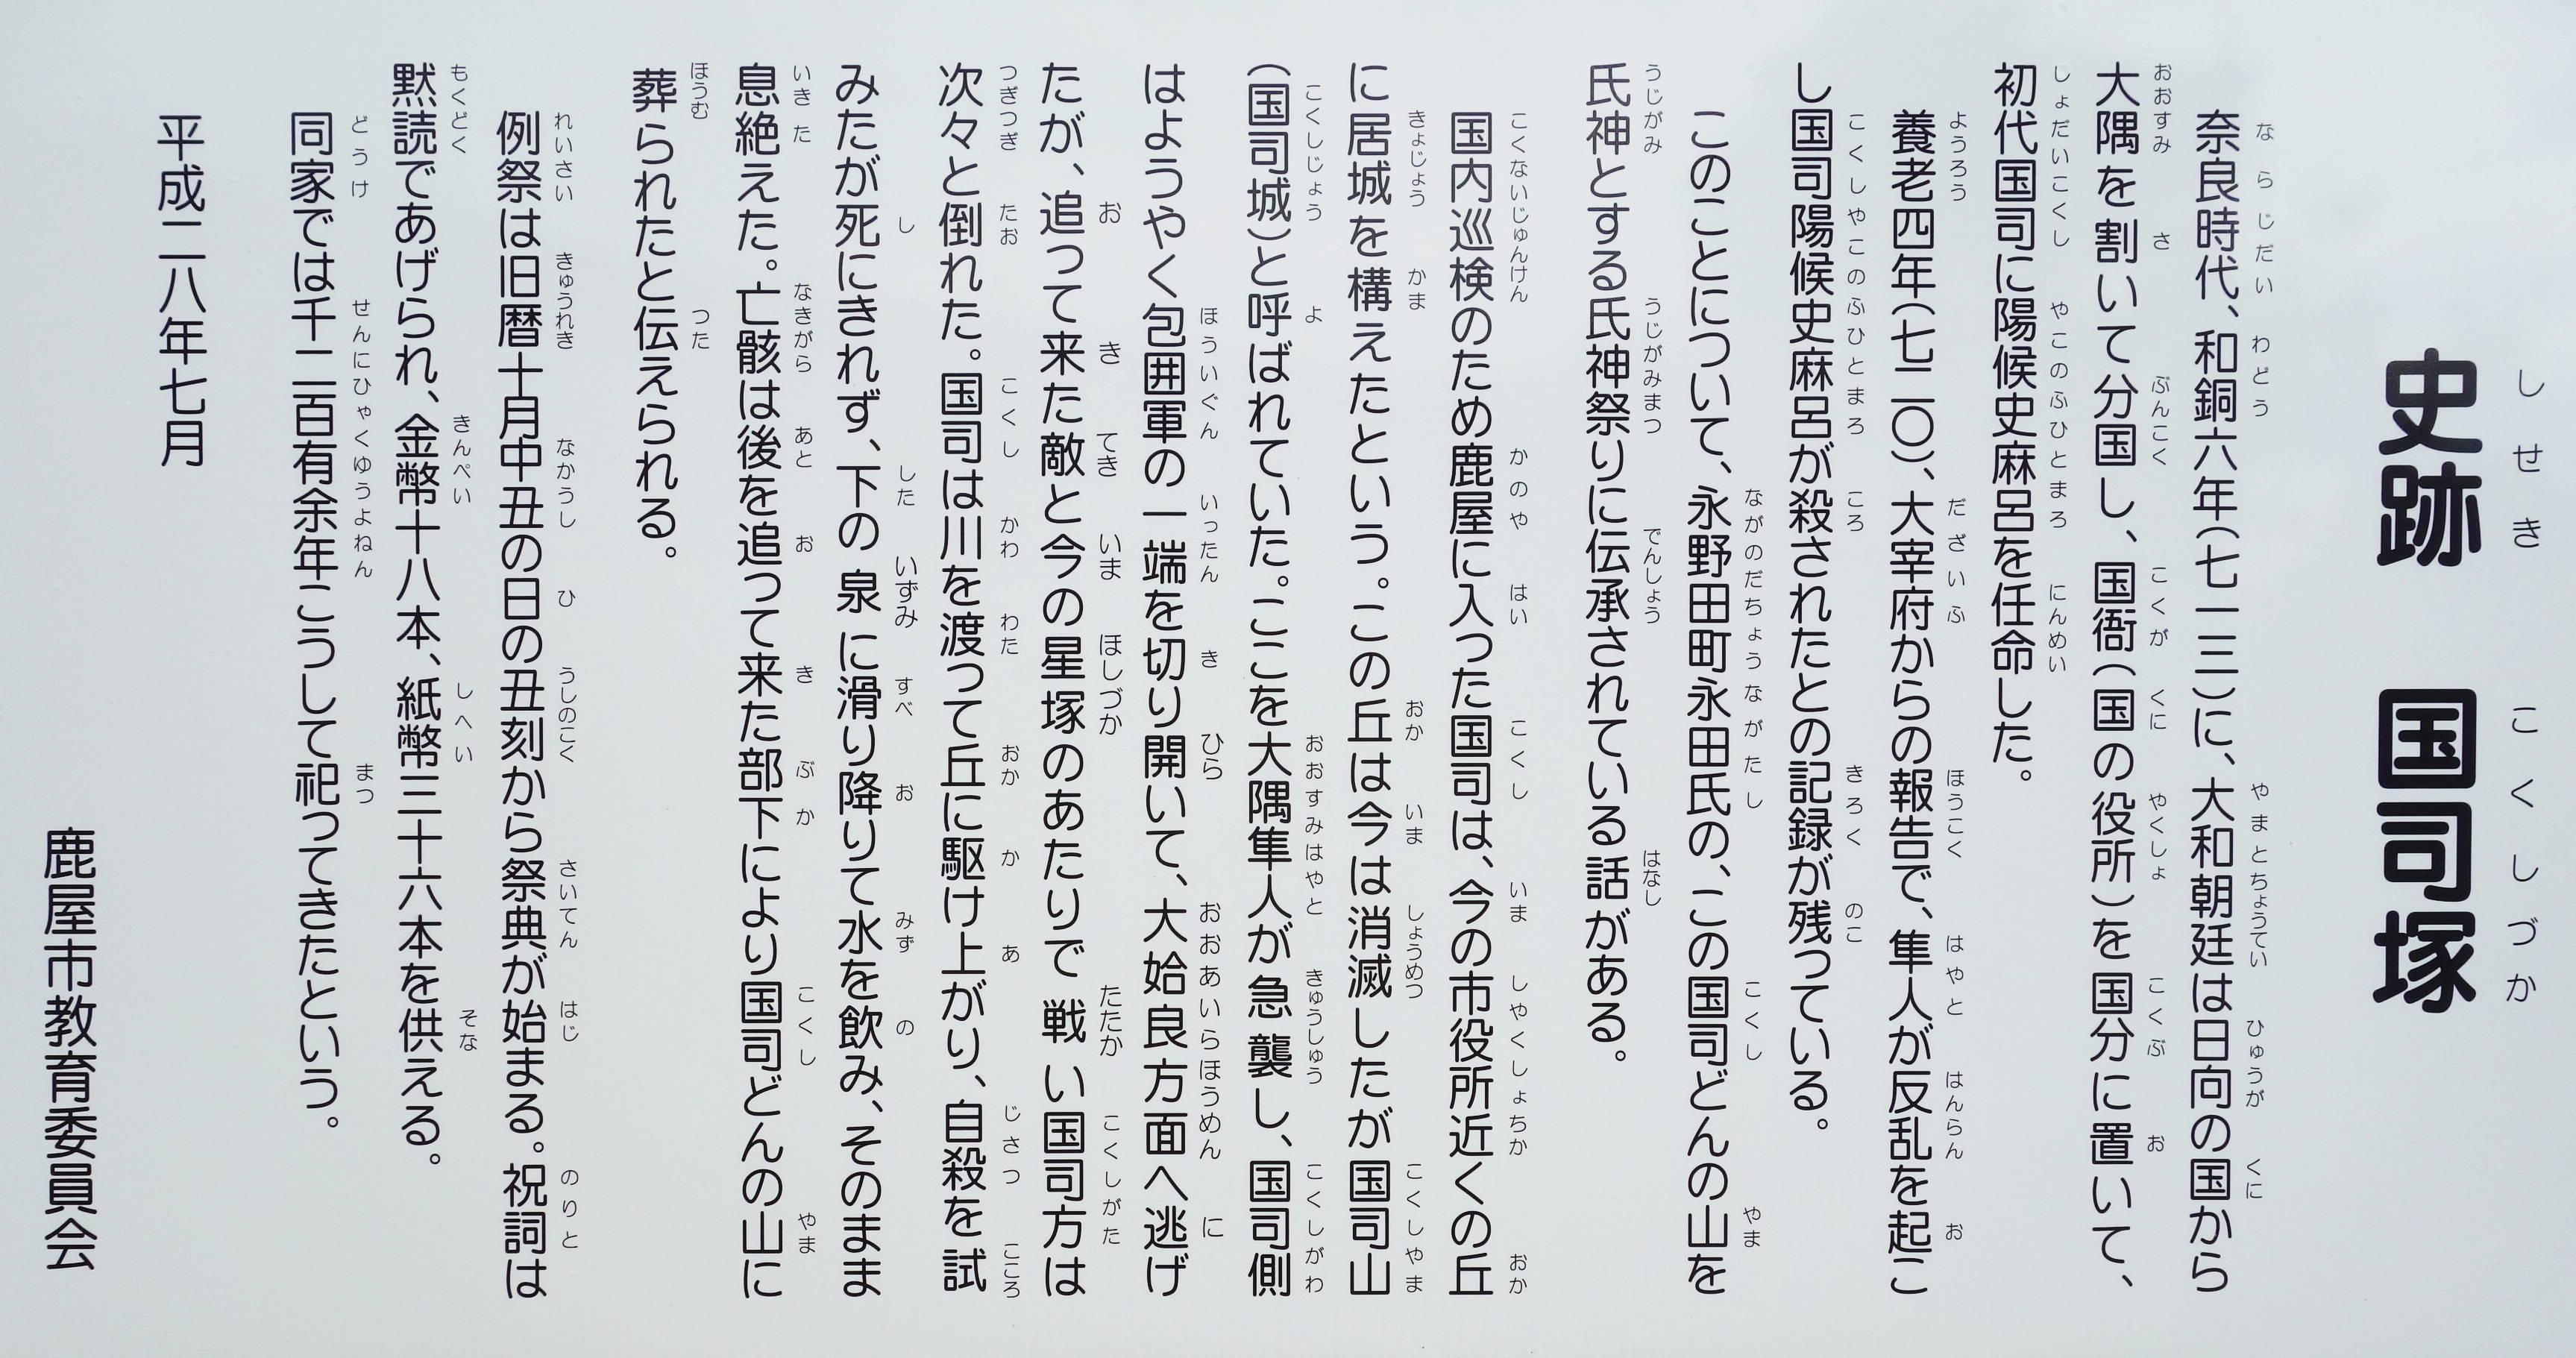 国司塚説明文_640KB